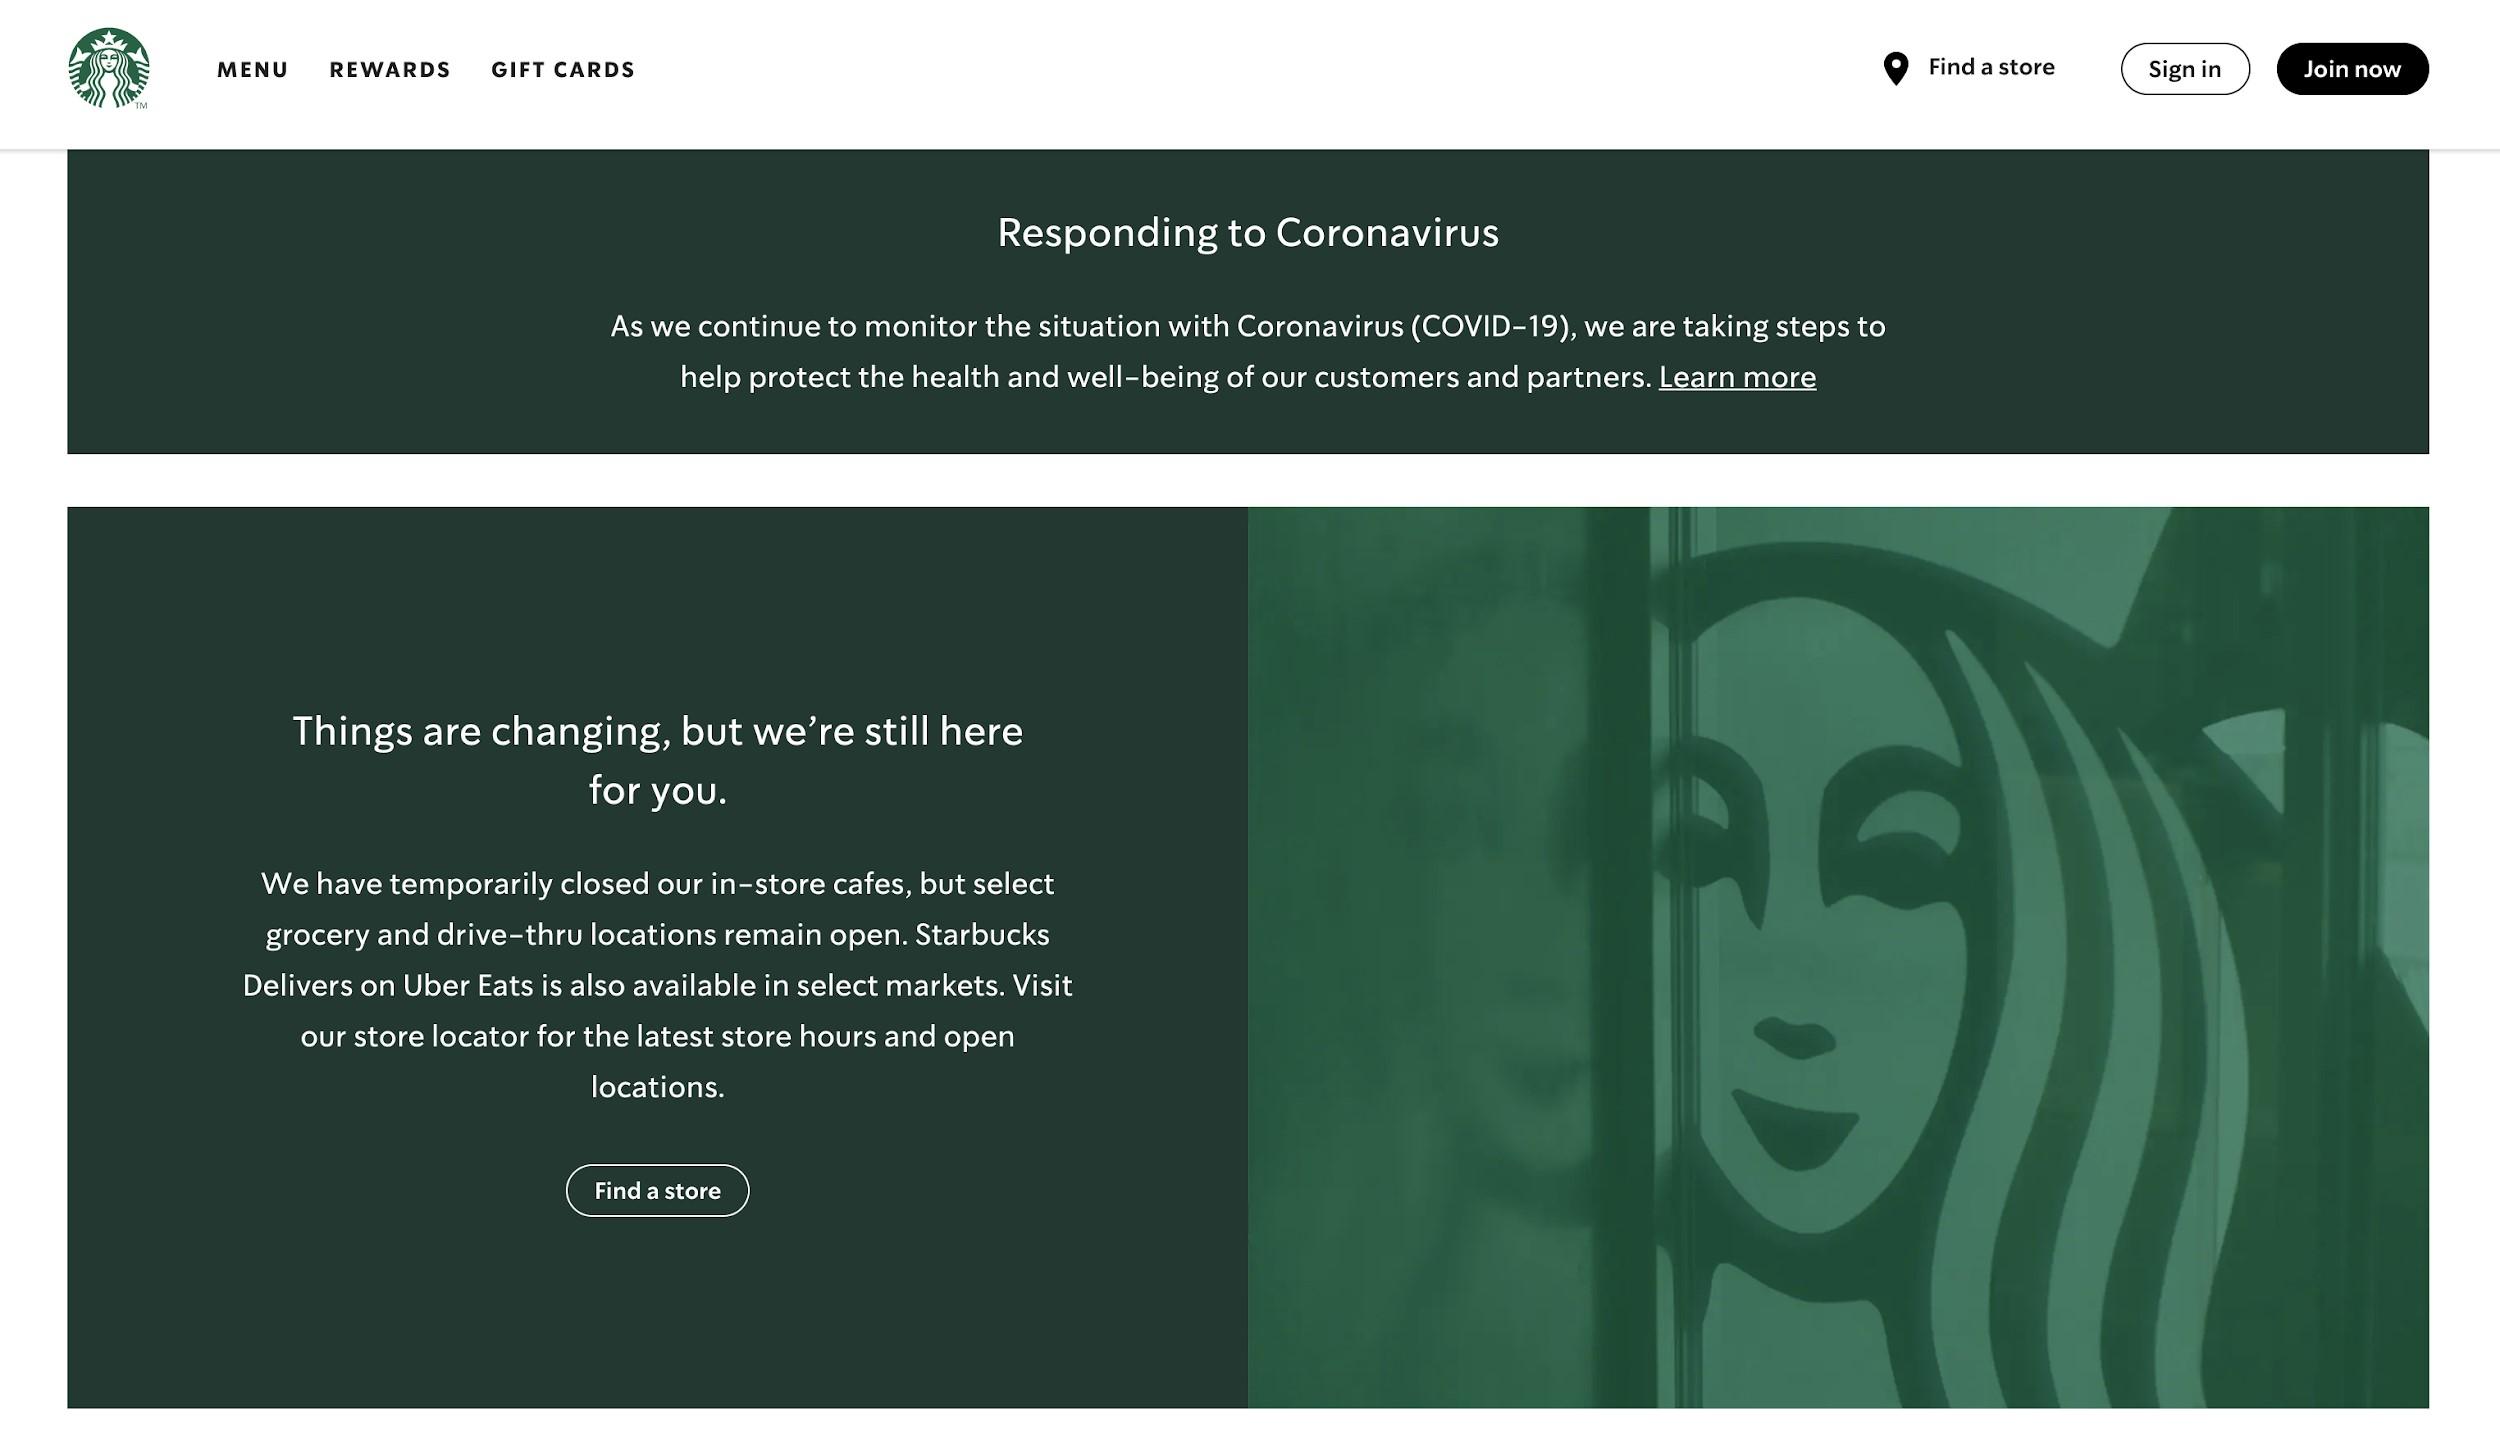 Starbucks Coronavirus response